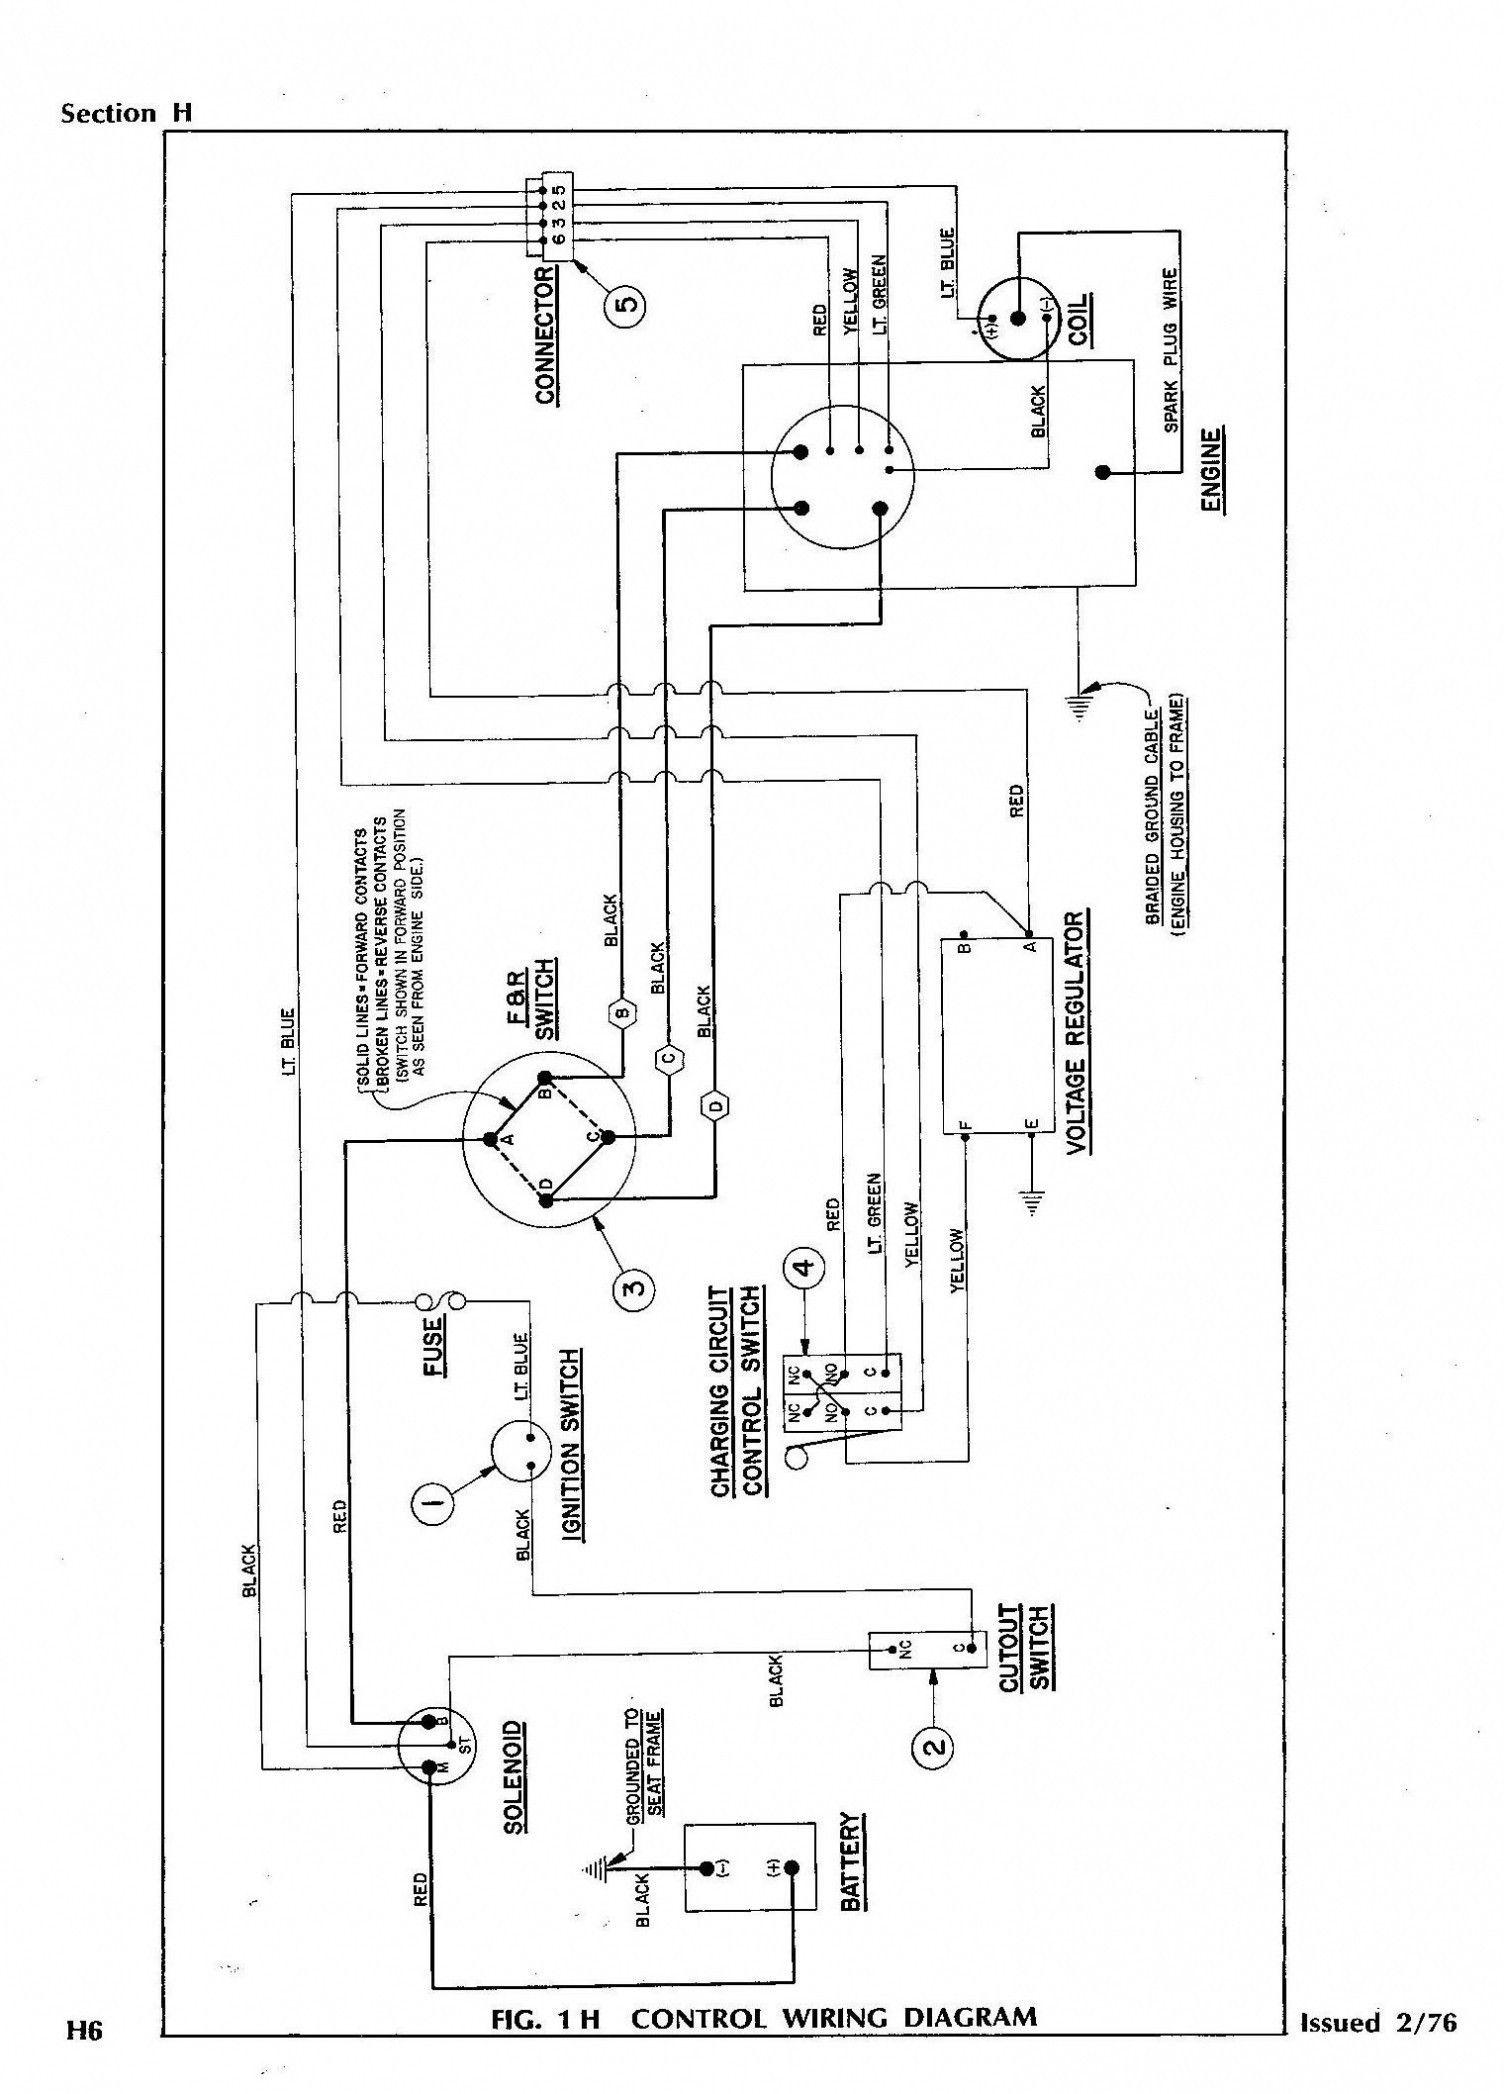 Wiring Diagrahm For 1988 Club Car Golf Cart